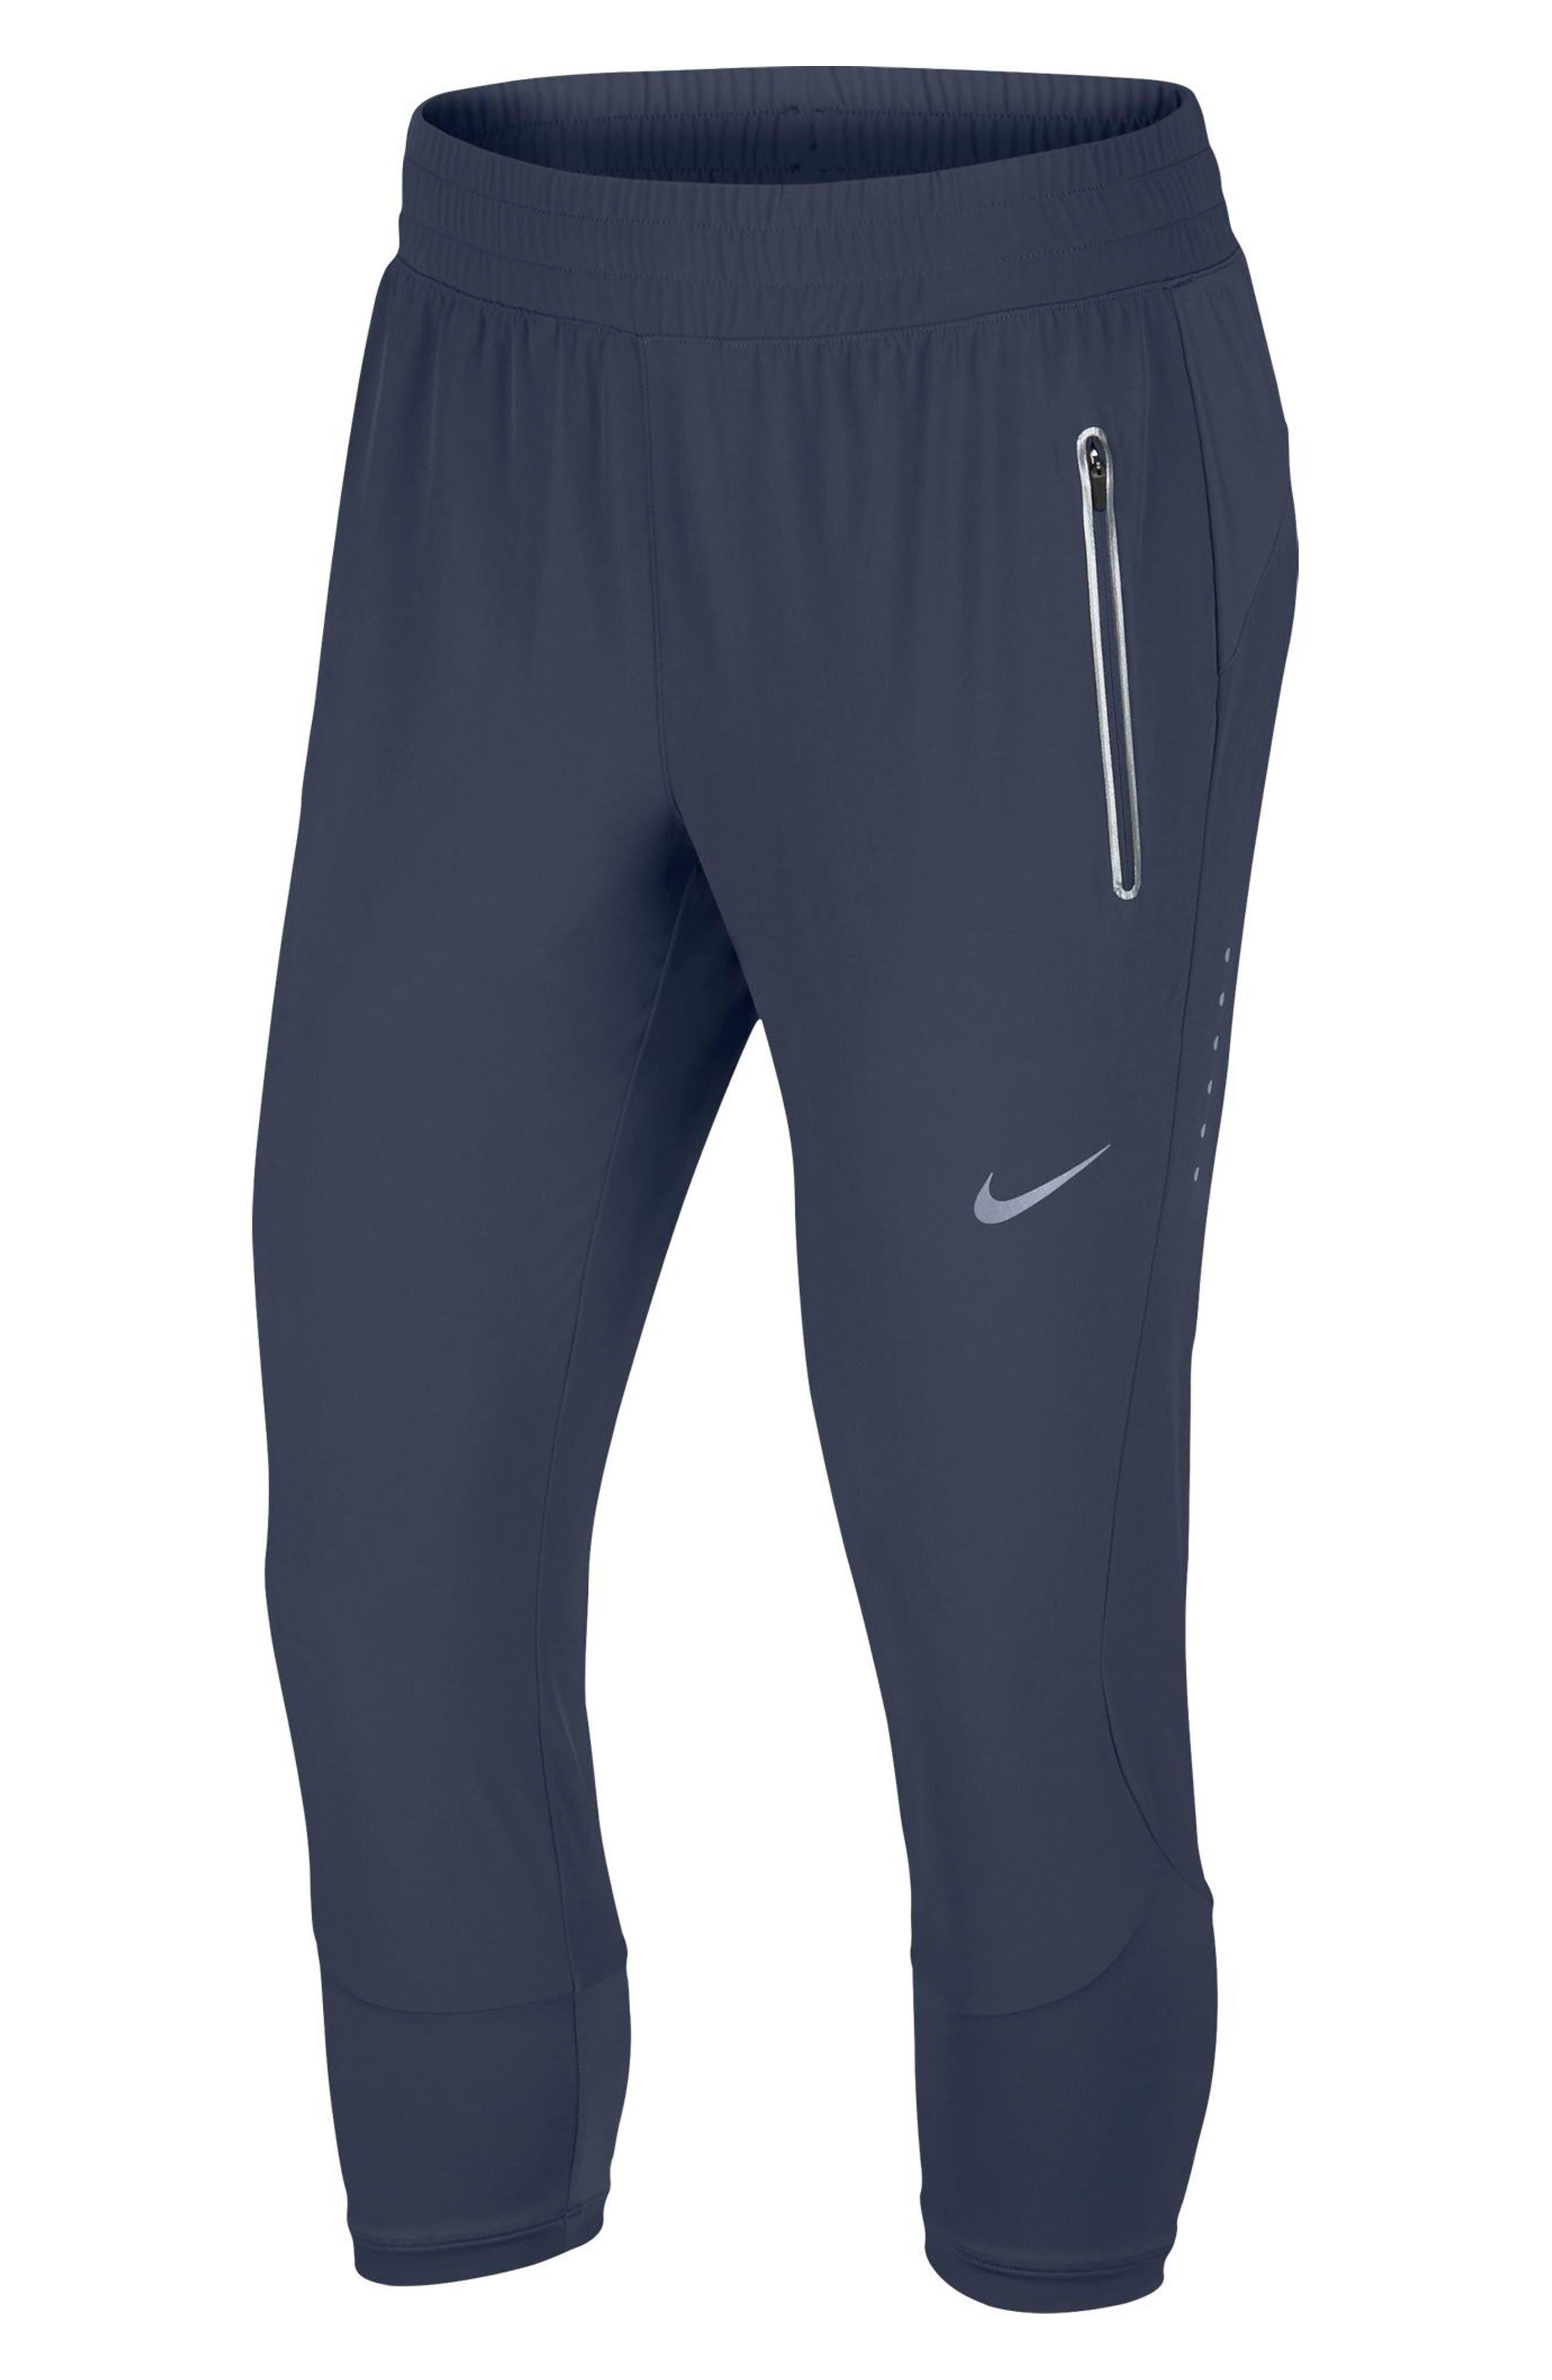 Women's Flex Swift Running Crop Pants,                         Main,                         color, Thunder Blue